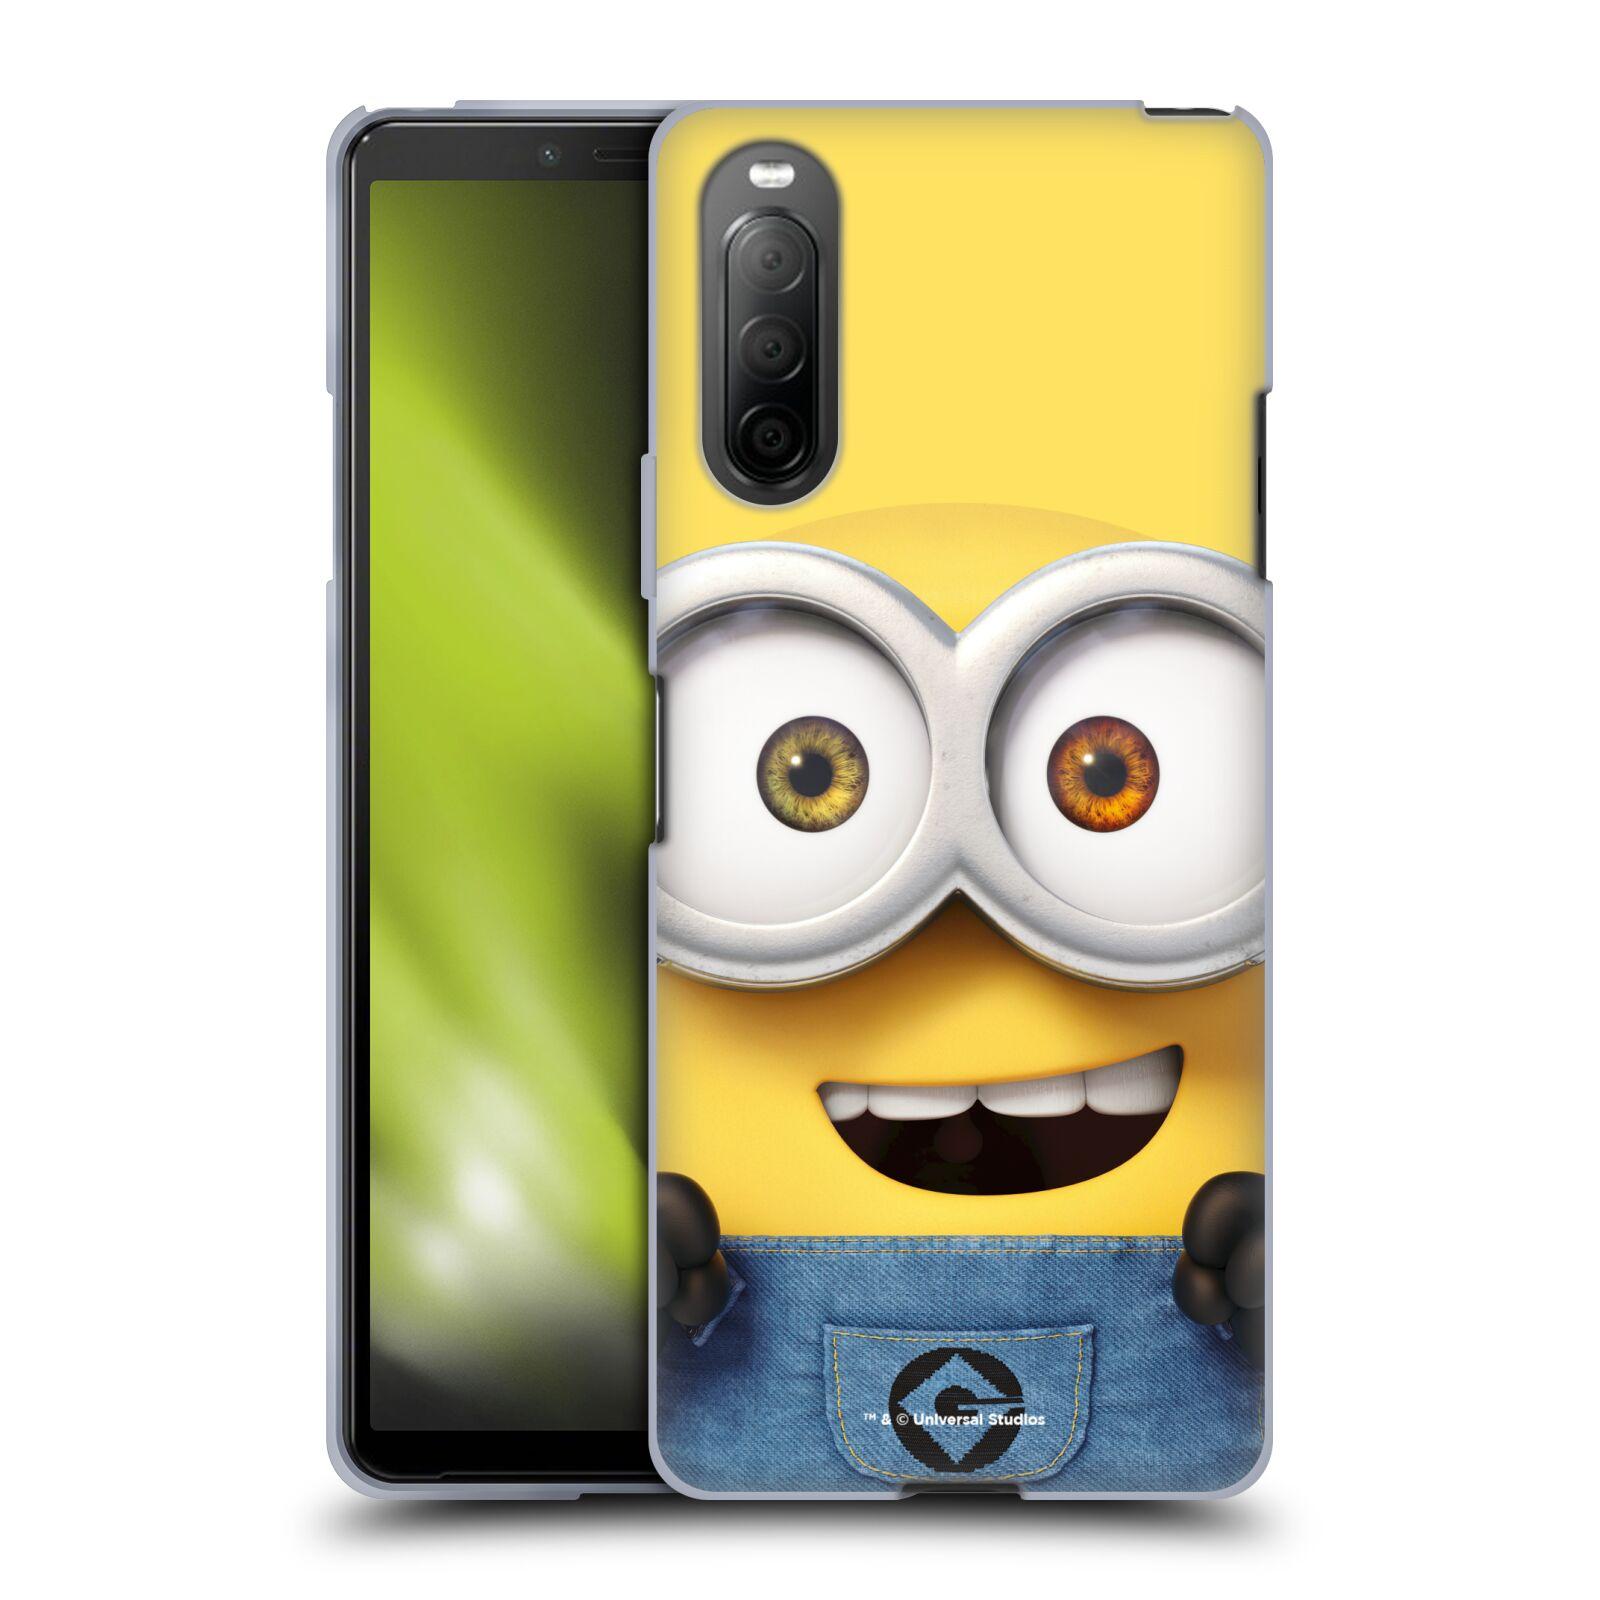 Silikonové pouzdro na mobil Sony Xperia 10 II - Head Case - Mimoň Bob z filmu Já, padouch - Despicable Me